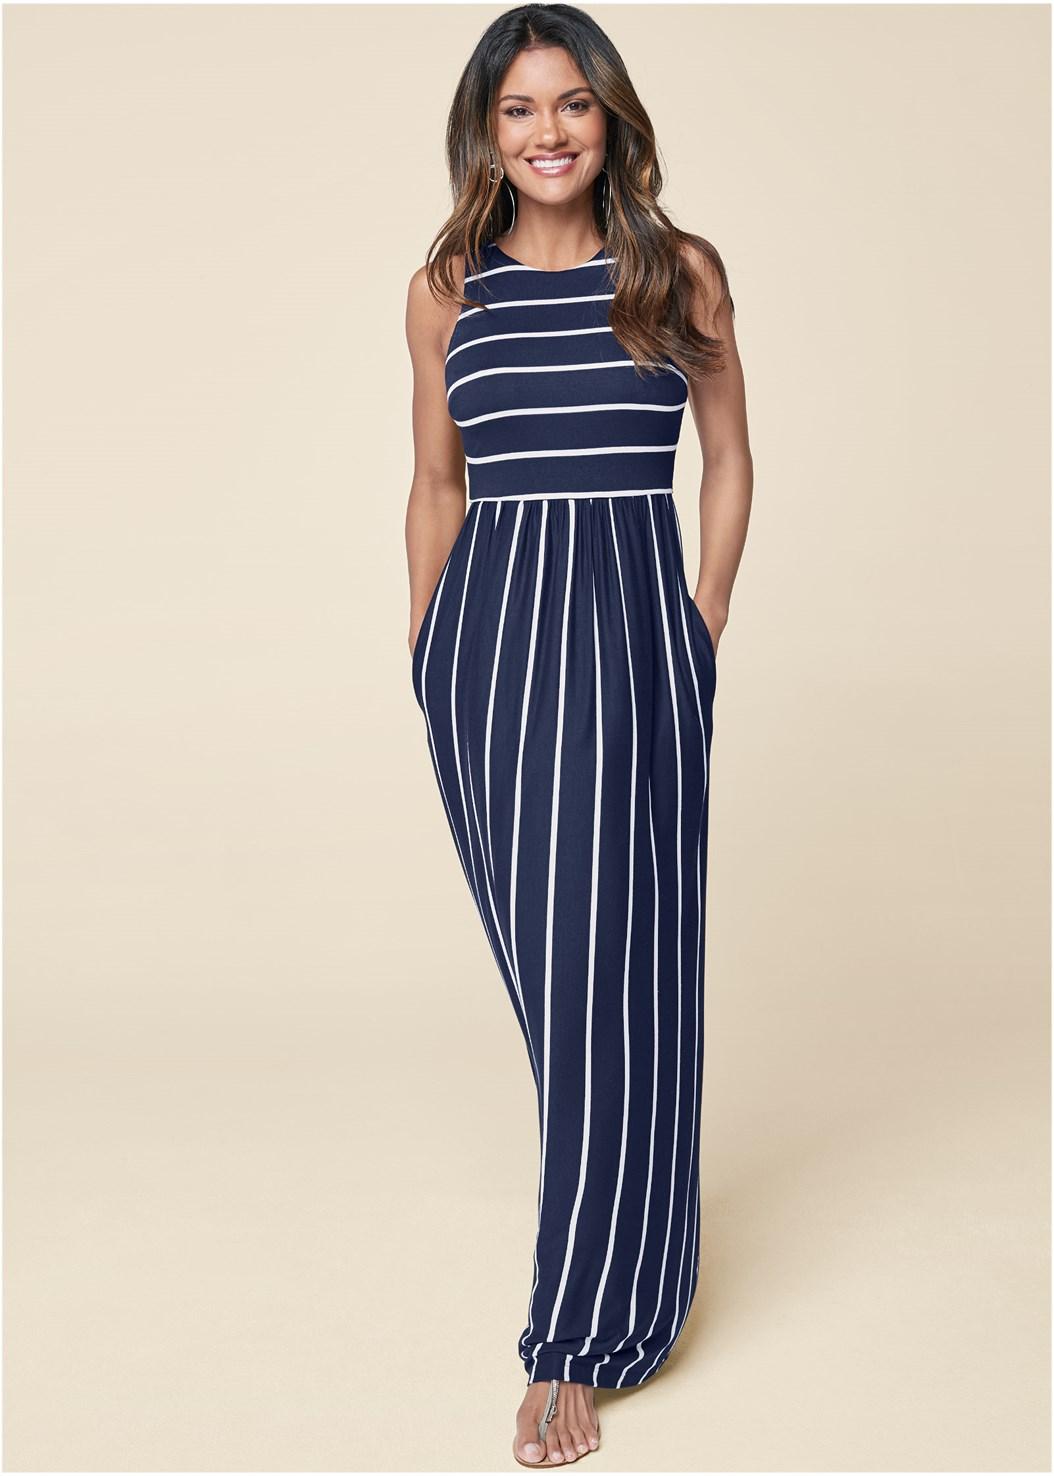 Stripe Maxi Dress,Hoop Detail Earrings